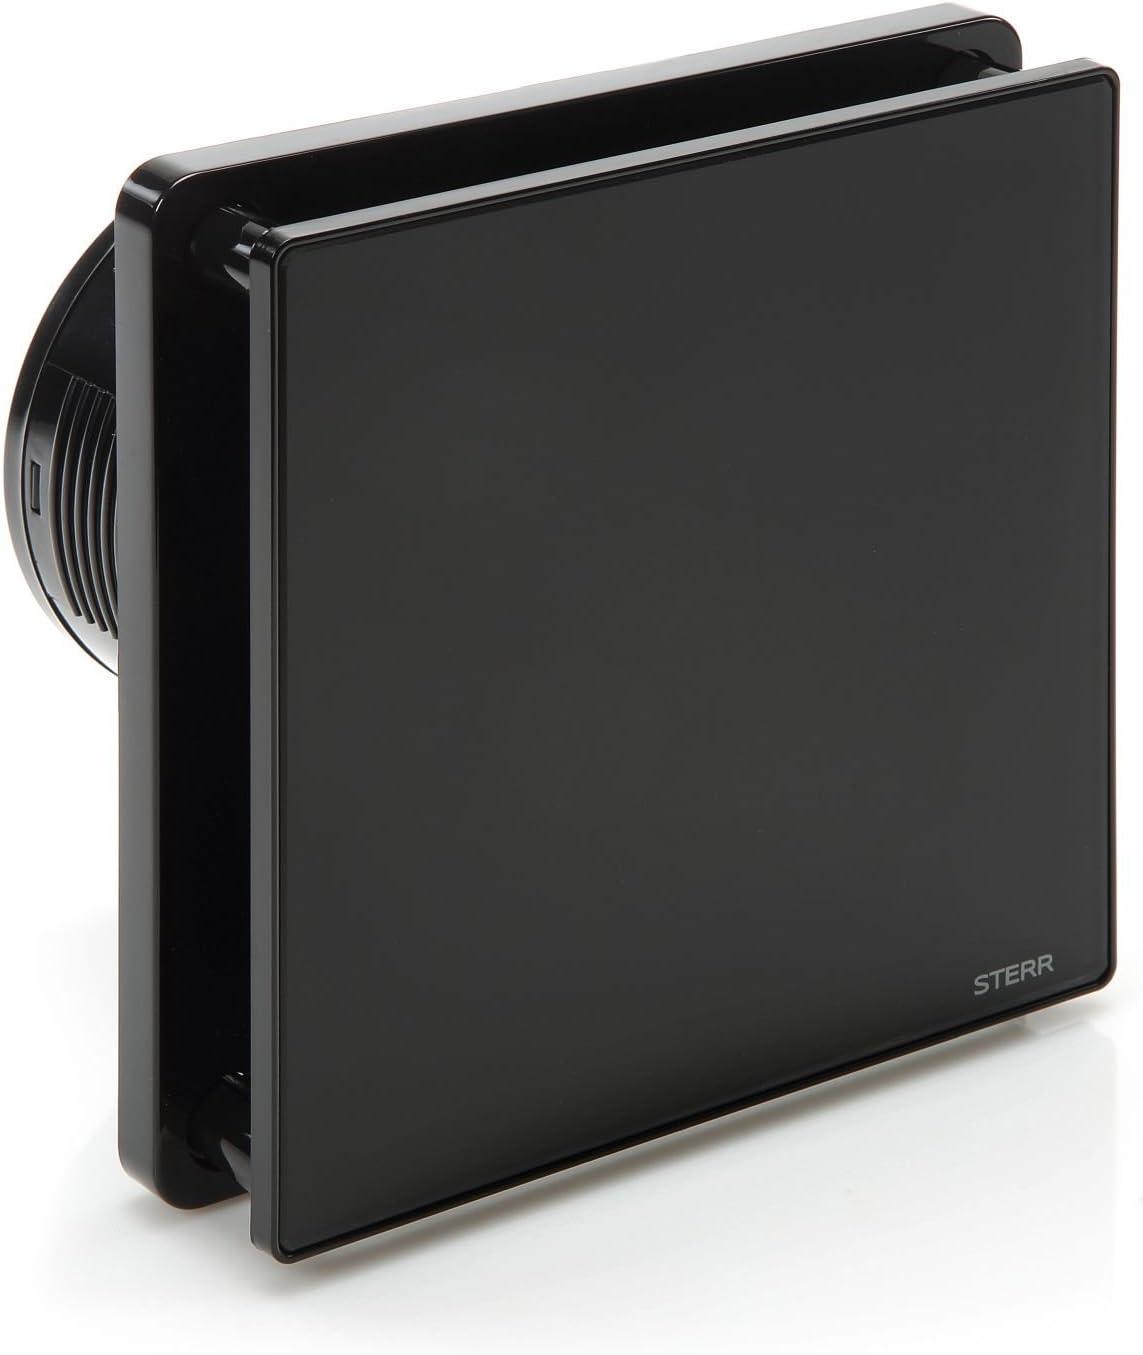 STERR - Negro extractor de baño Ventilador con temporizador – BFS100T-B